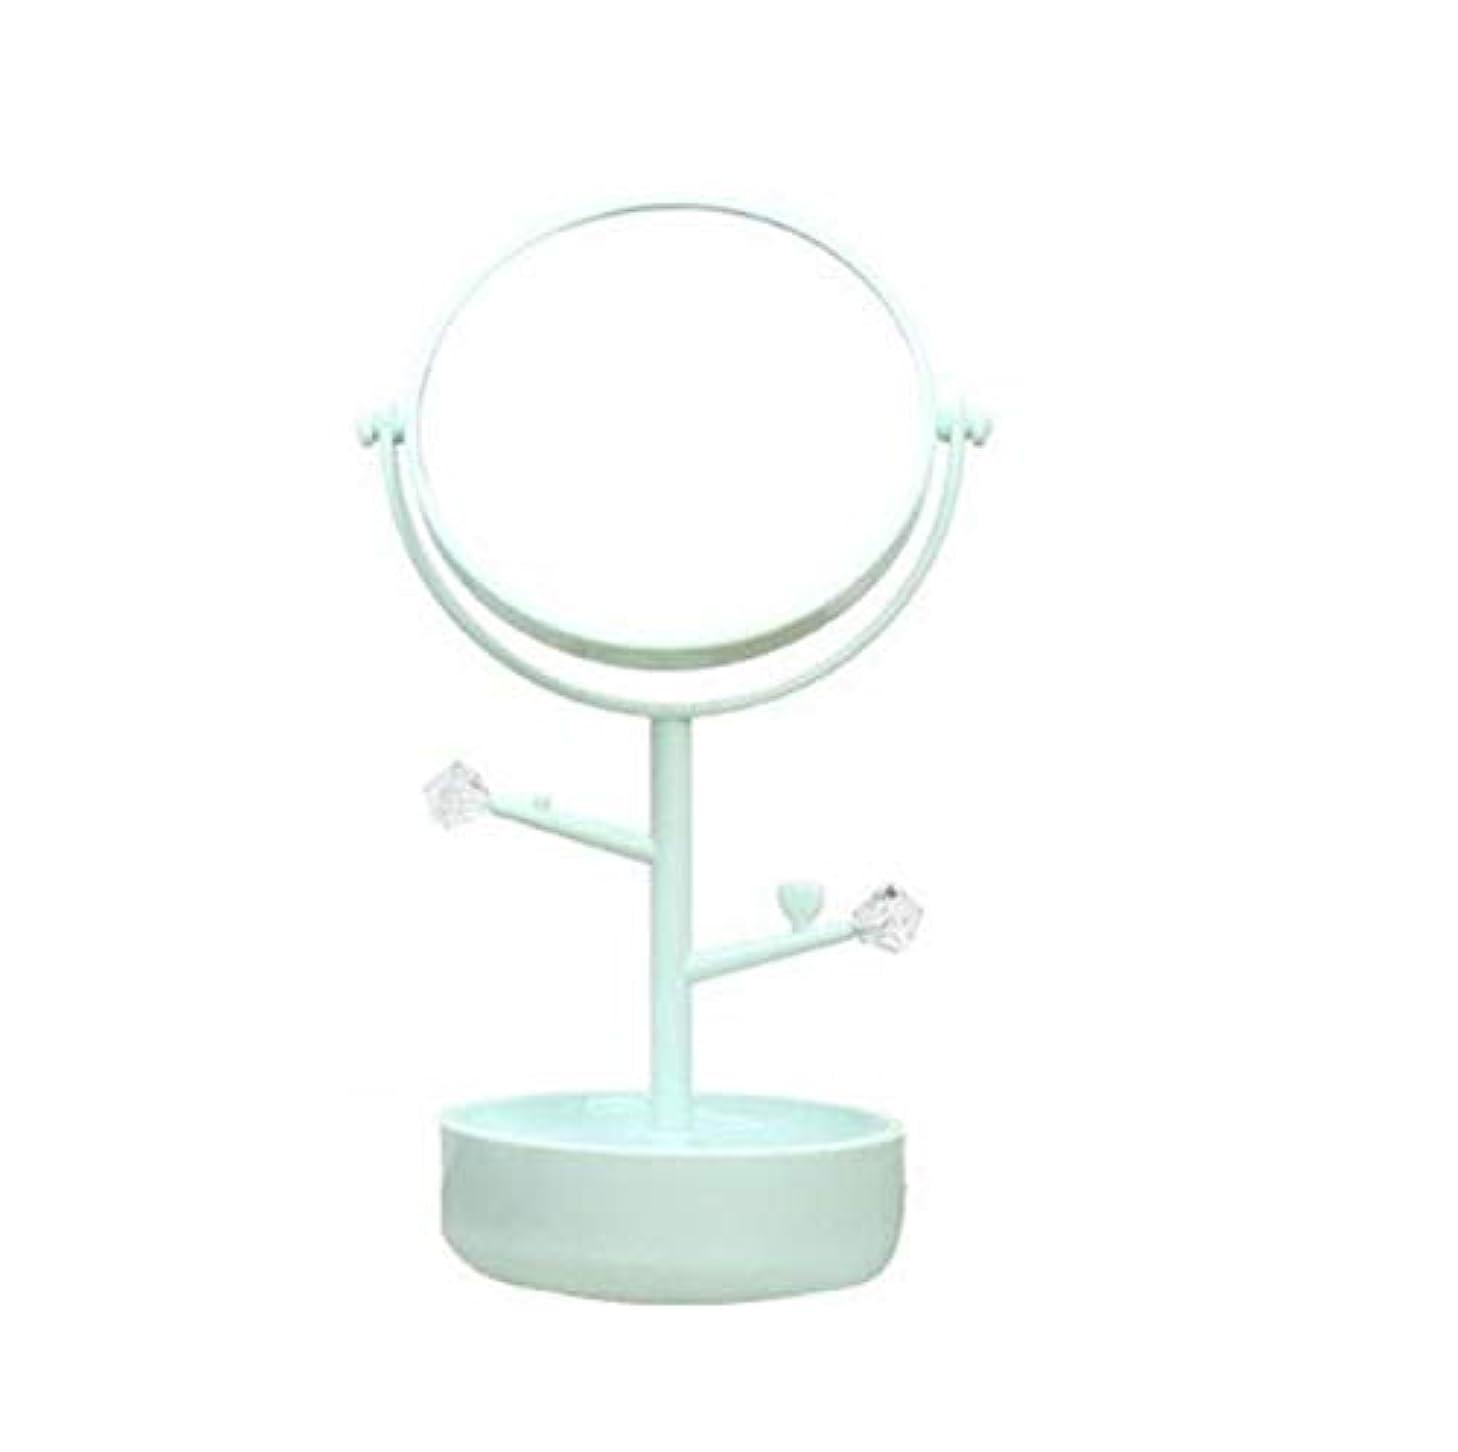 円形の序文強打化粧鏡、グリーン多機能収納両面化粧鏡化粧ギフト